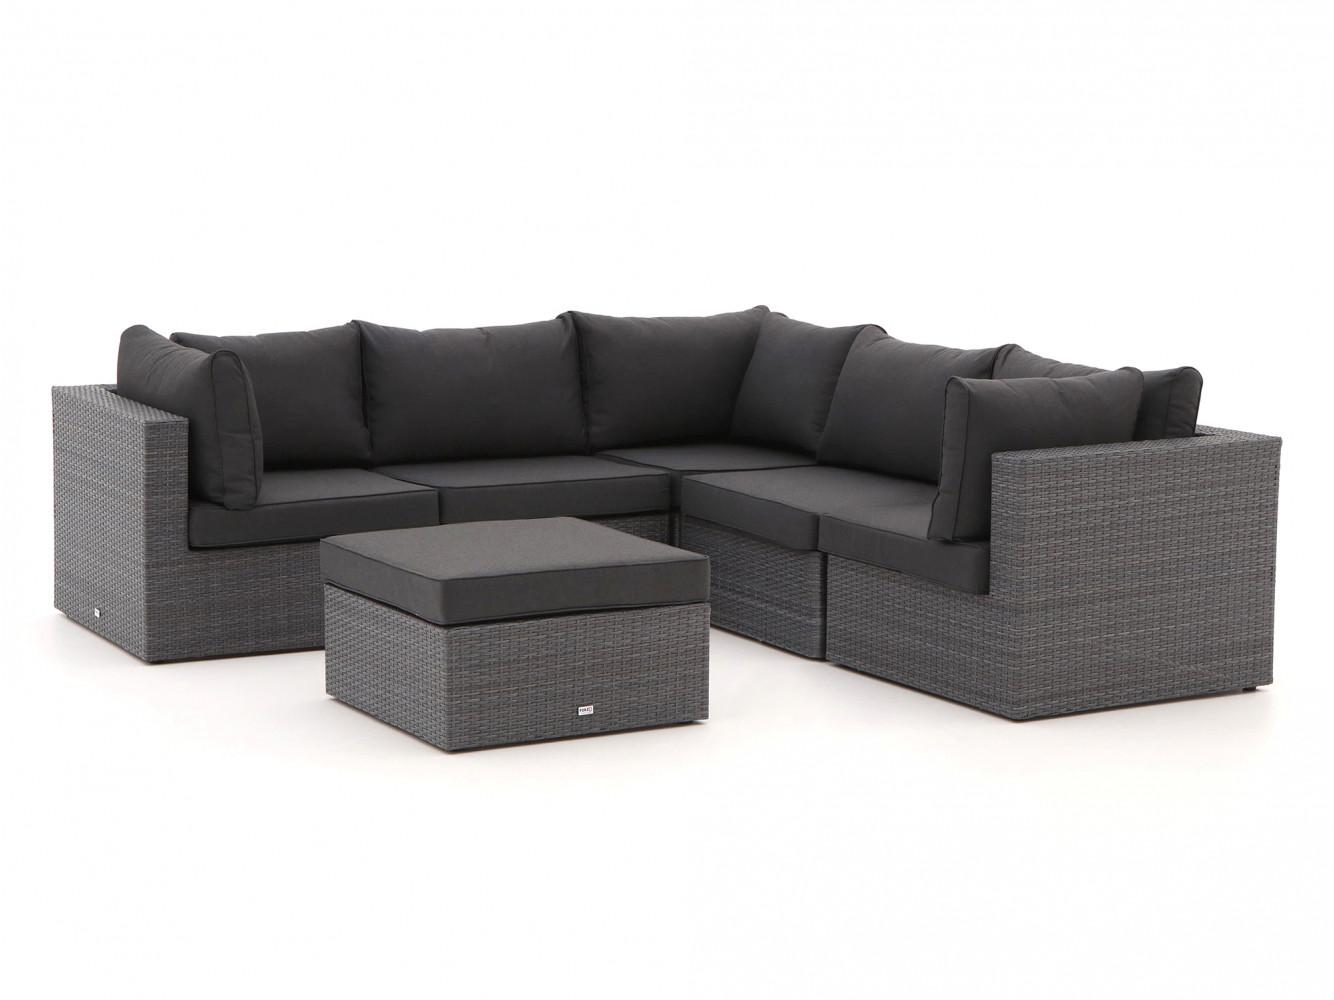 De voordelen van een wicker loungeset